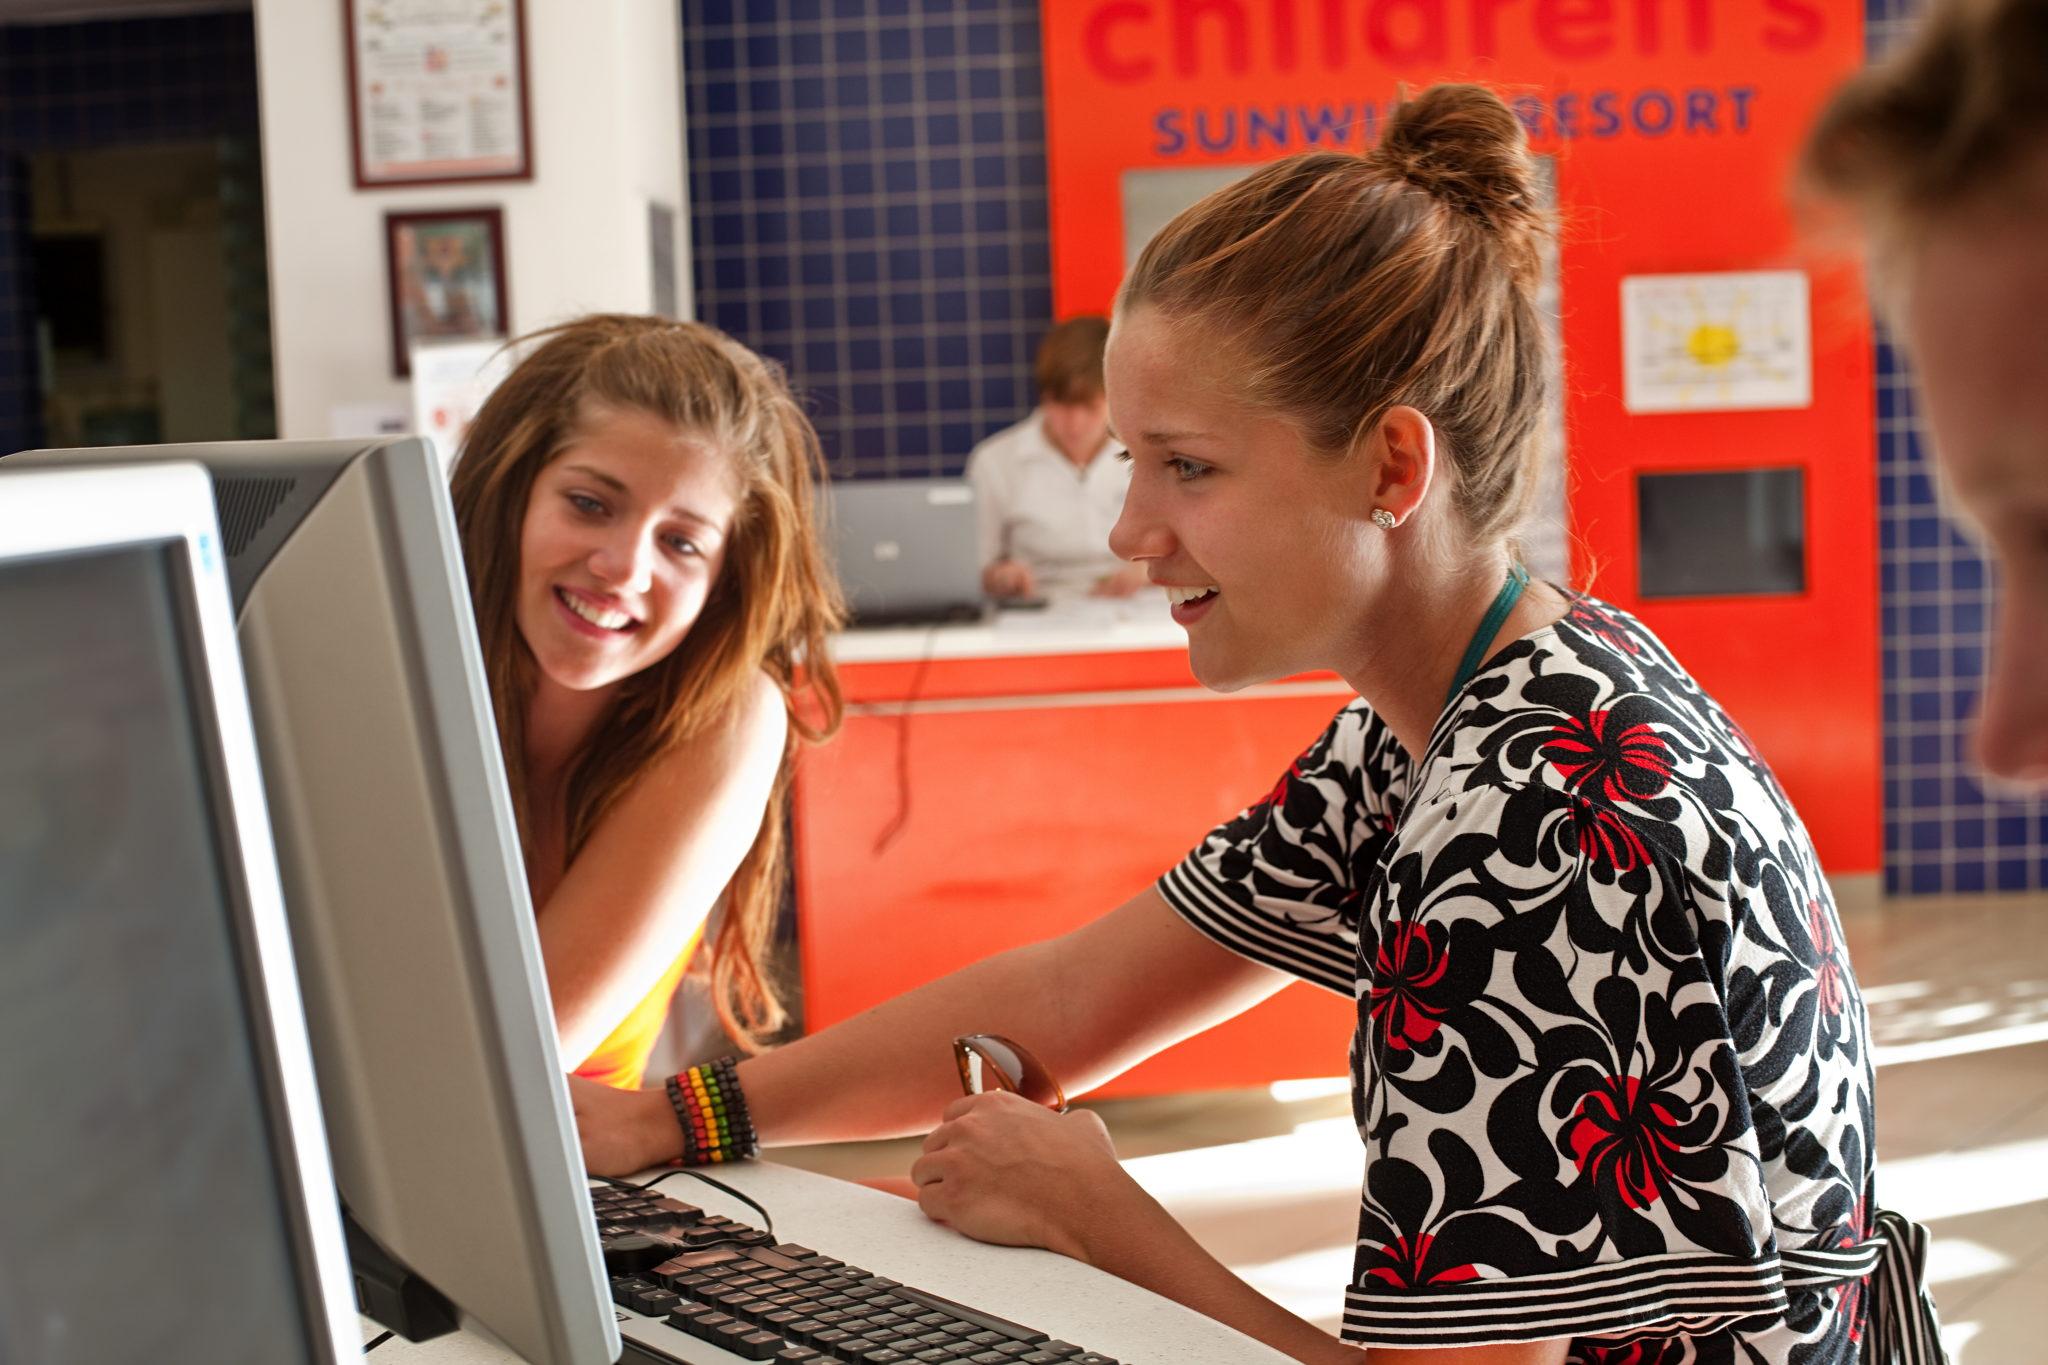 5 danske rejsebloggere har oprettet samarbejdet DanishTravelBloggers.com – arkivfoto.